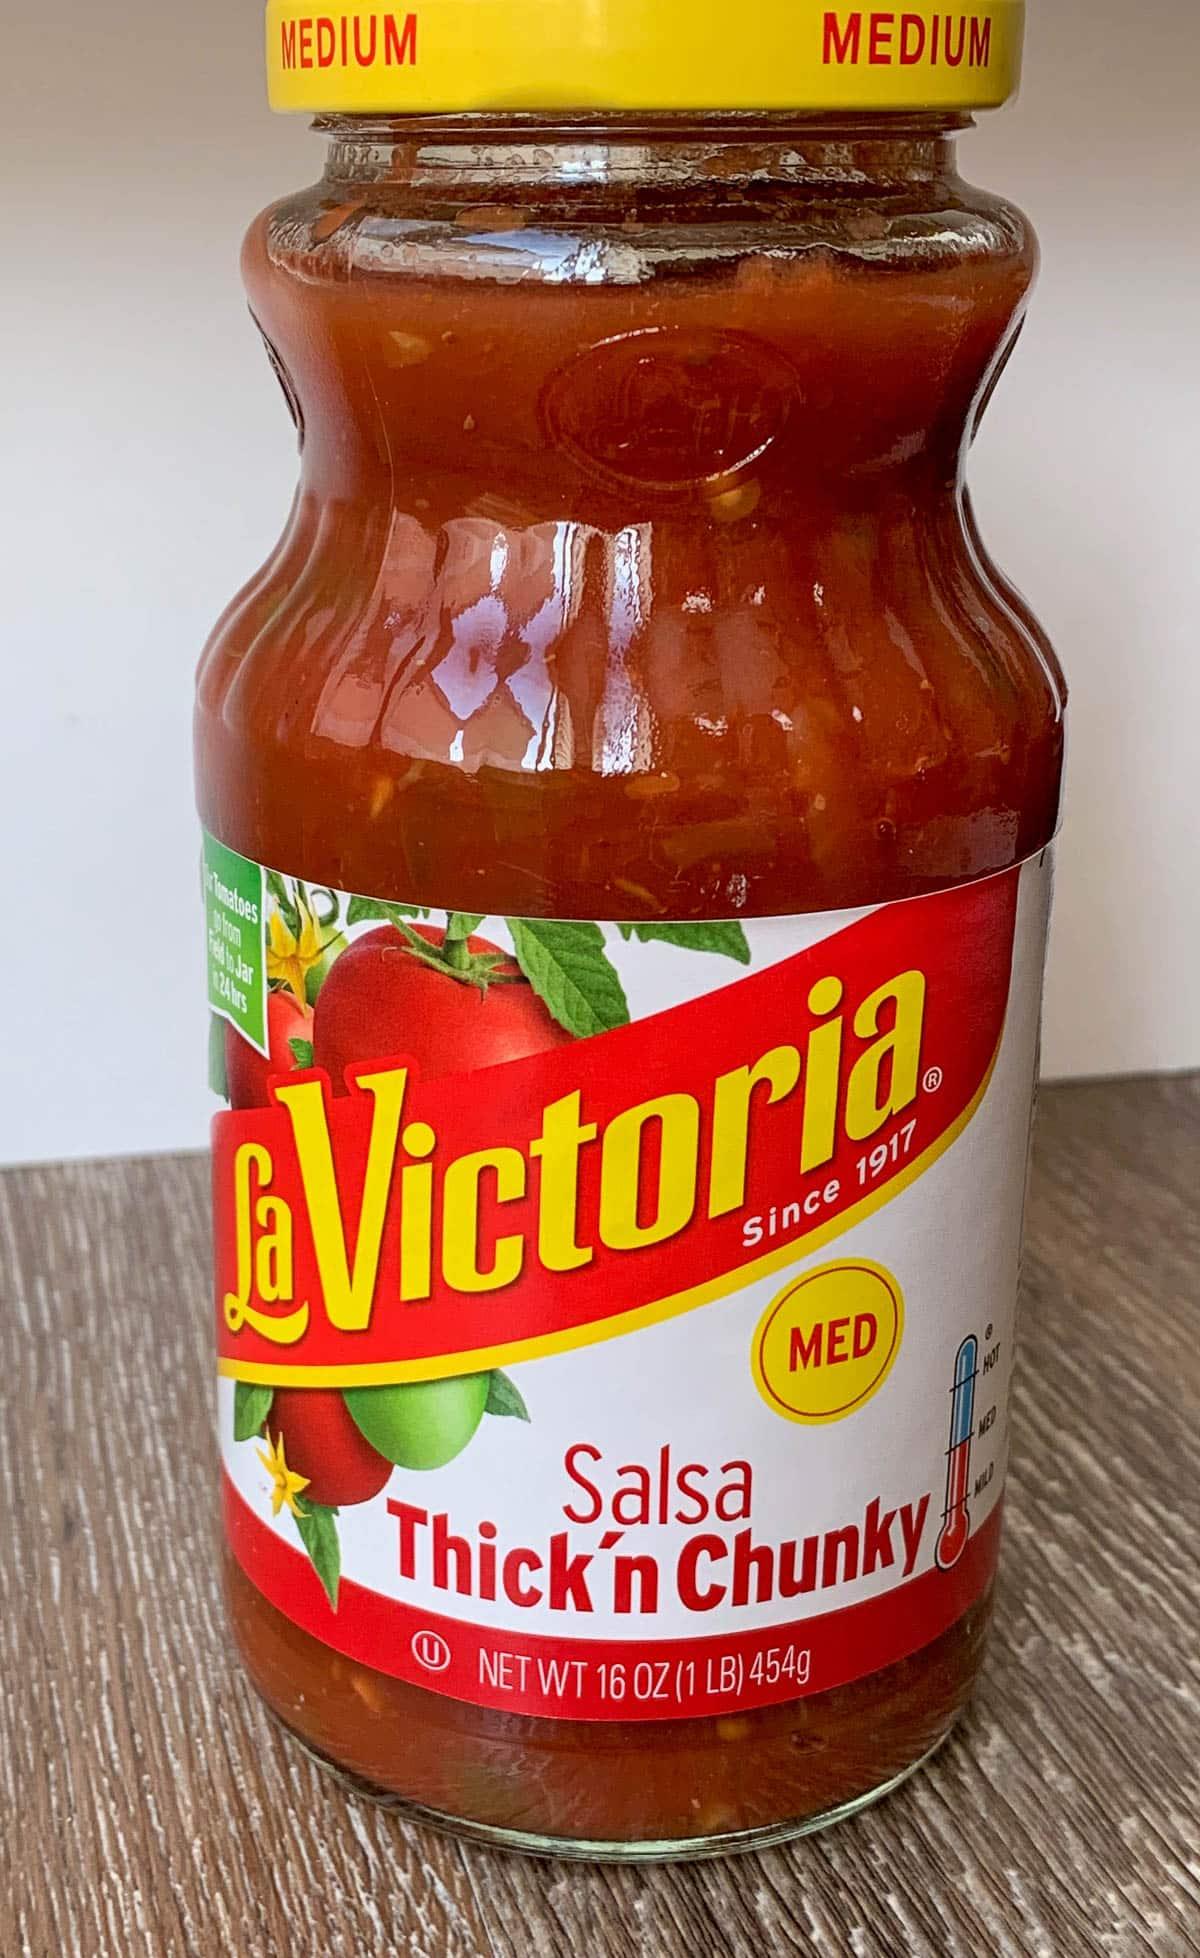 La Victoria Salsa Jar